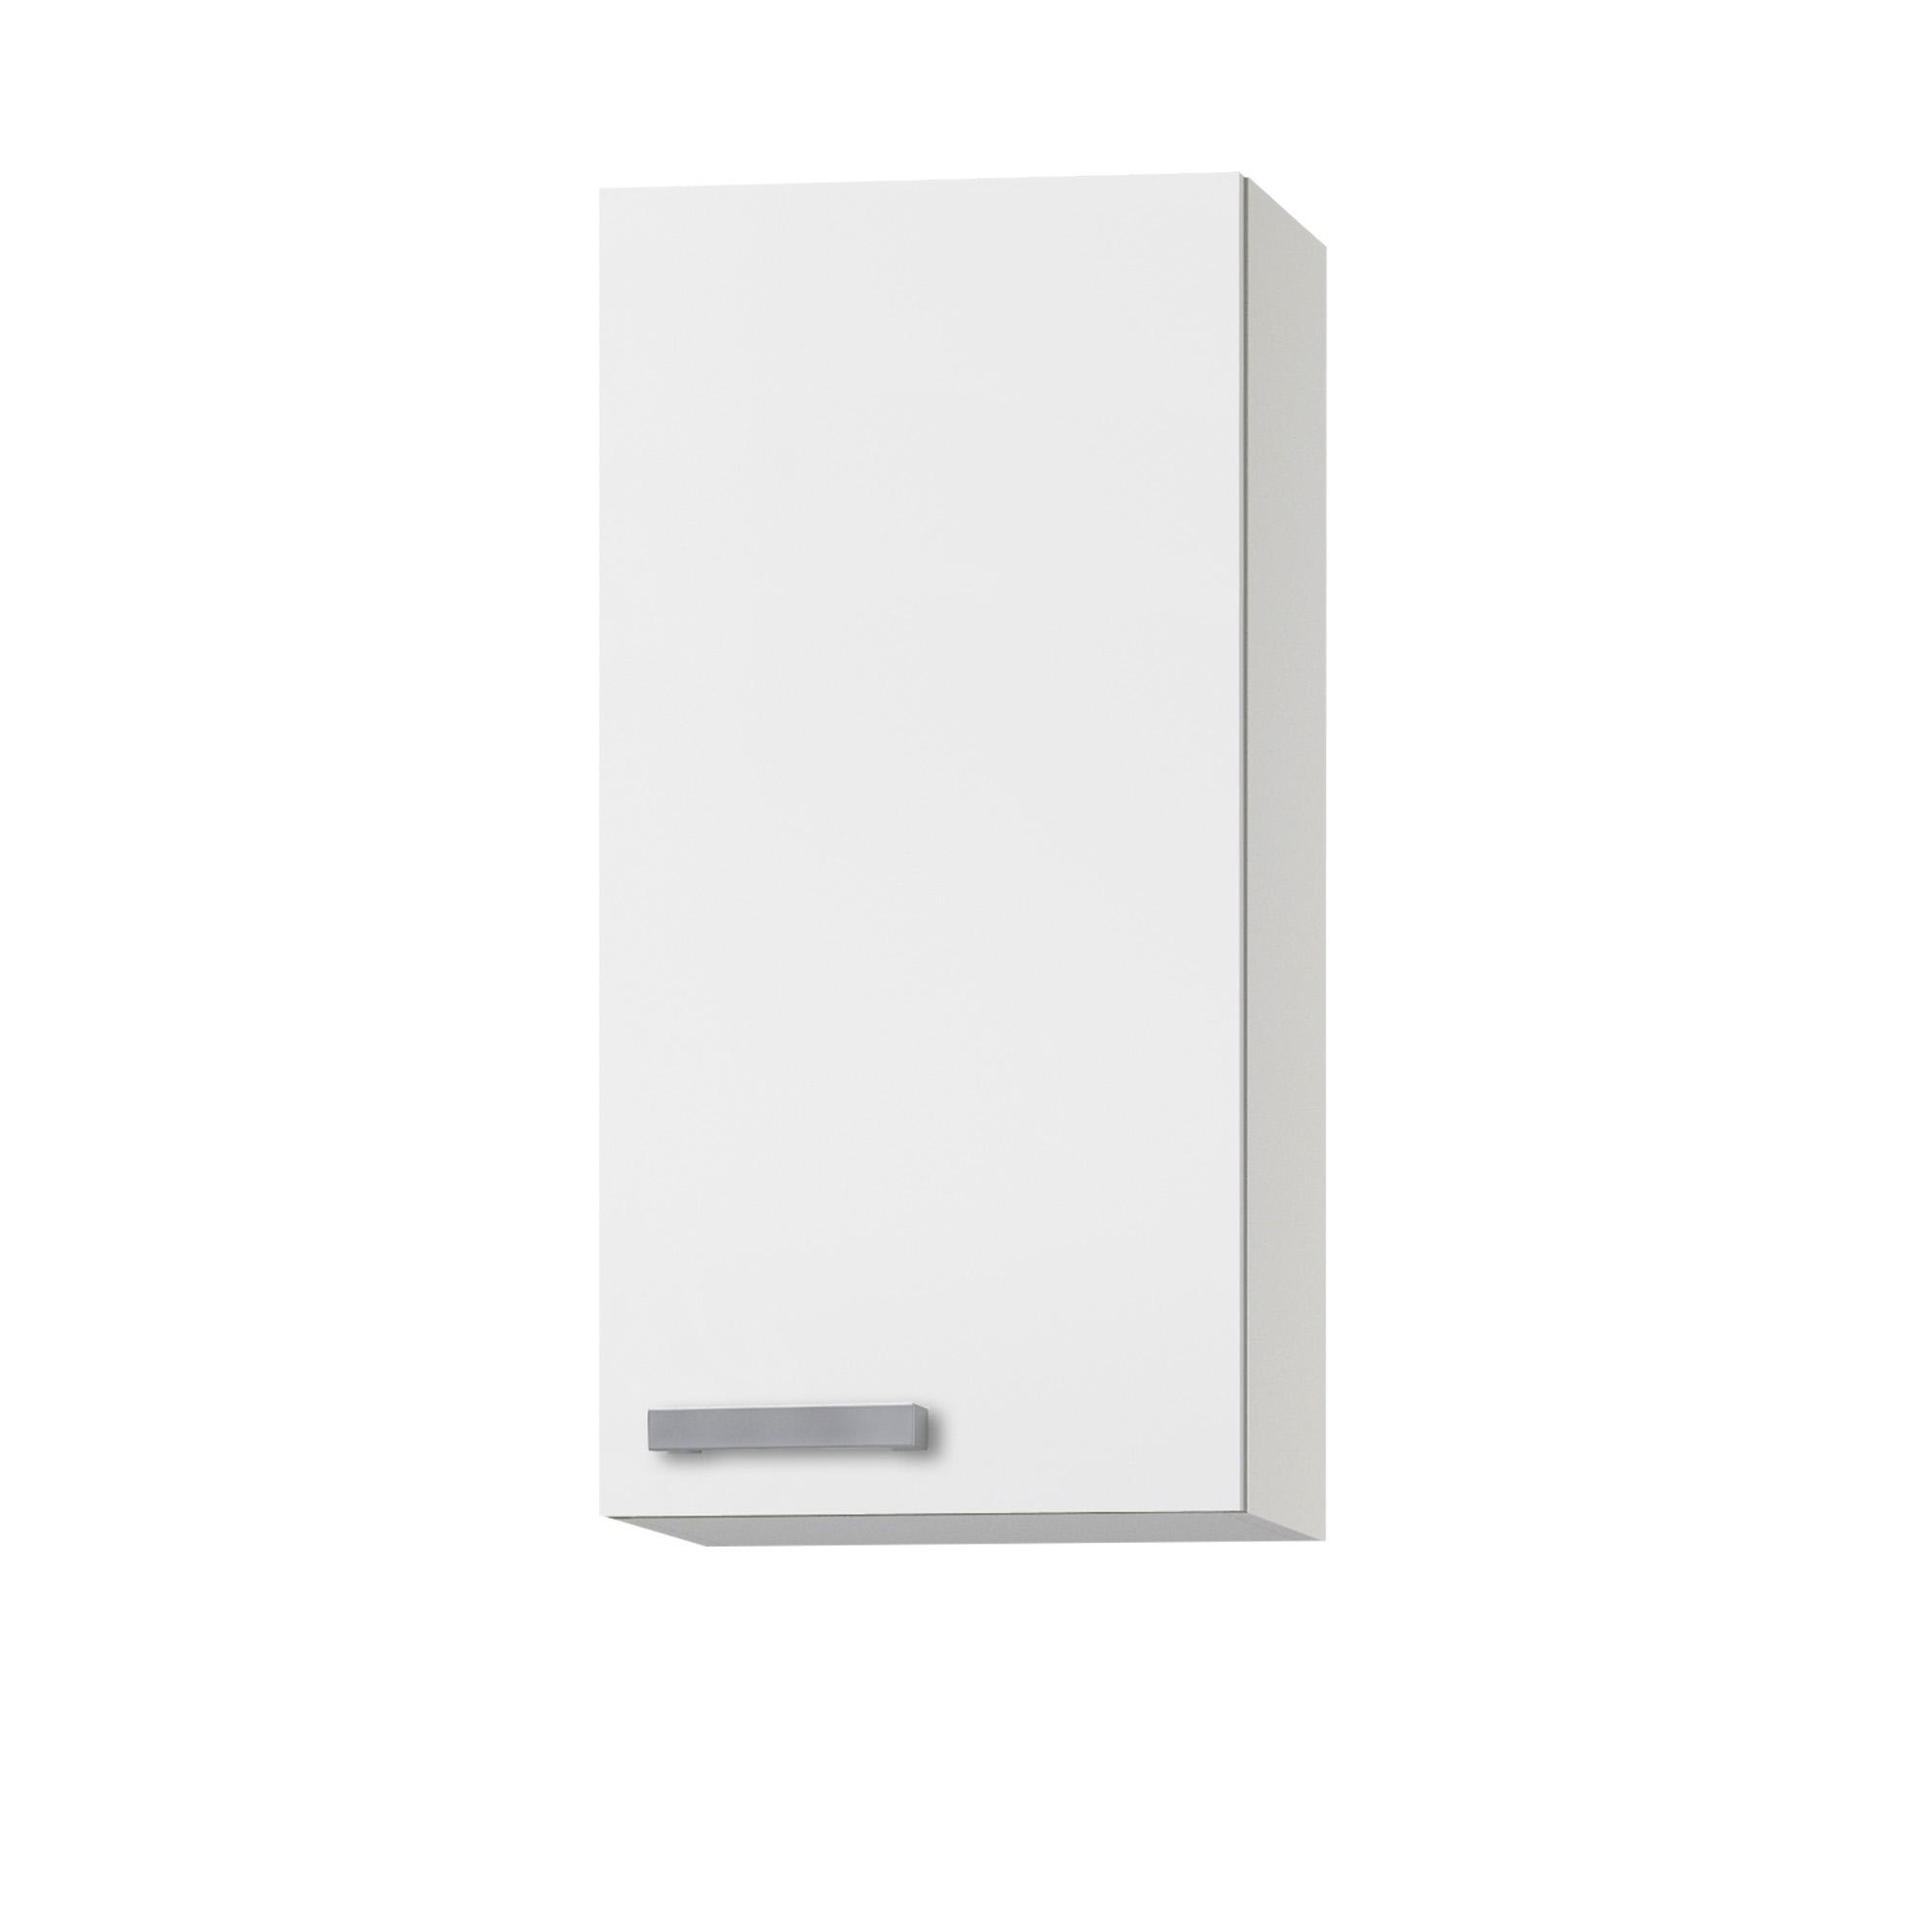 Details zu Küchen-Hängeschrank BARCELONA - 16-türig - 16 cm breit, 16 cm  hoch - Weiß